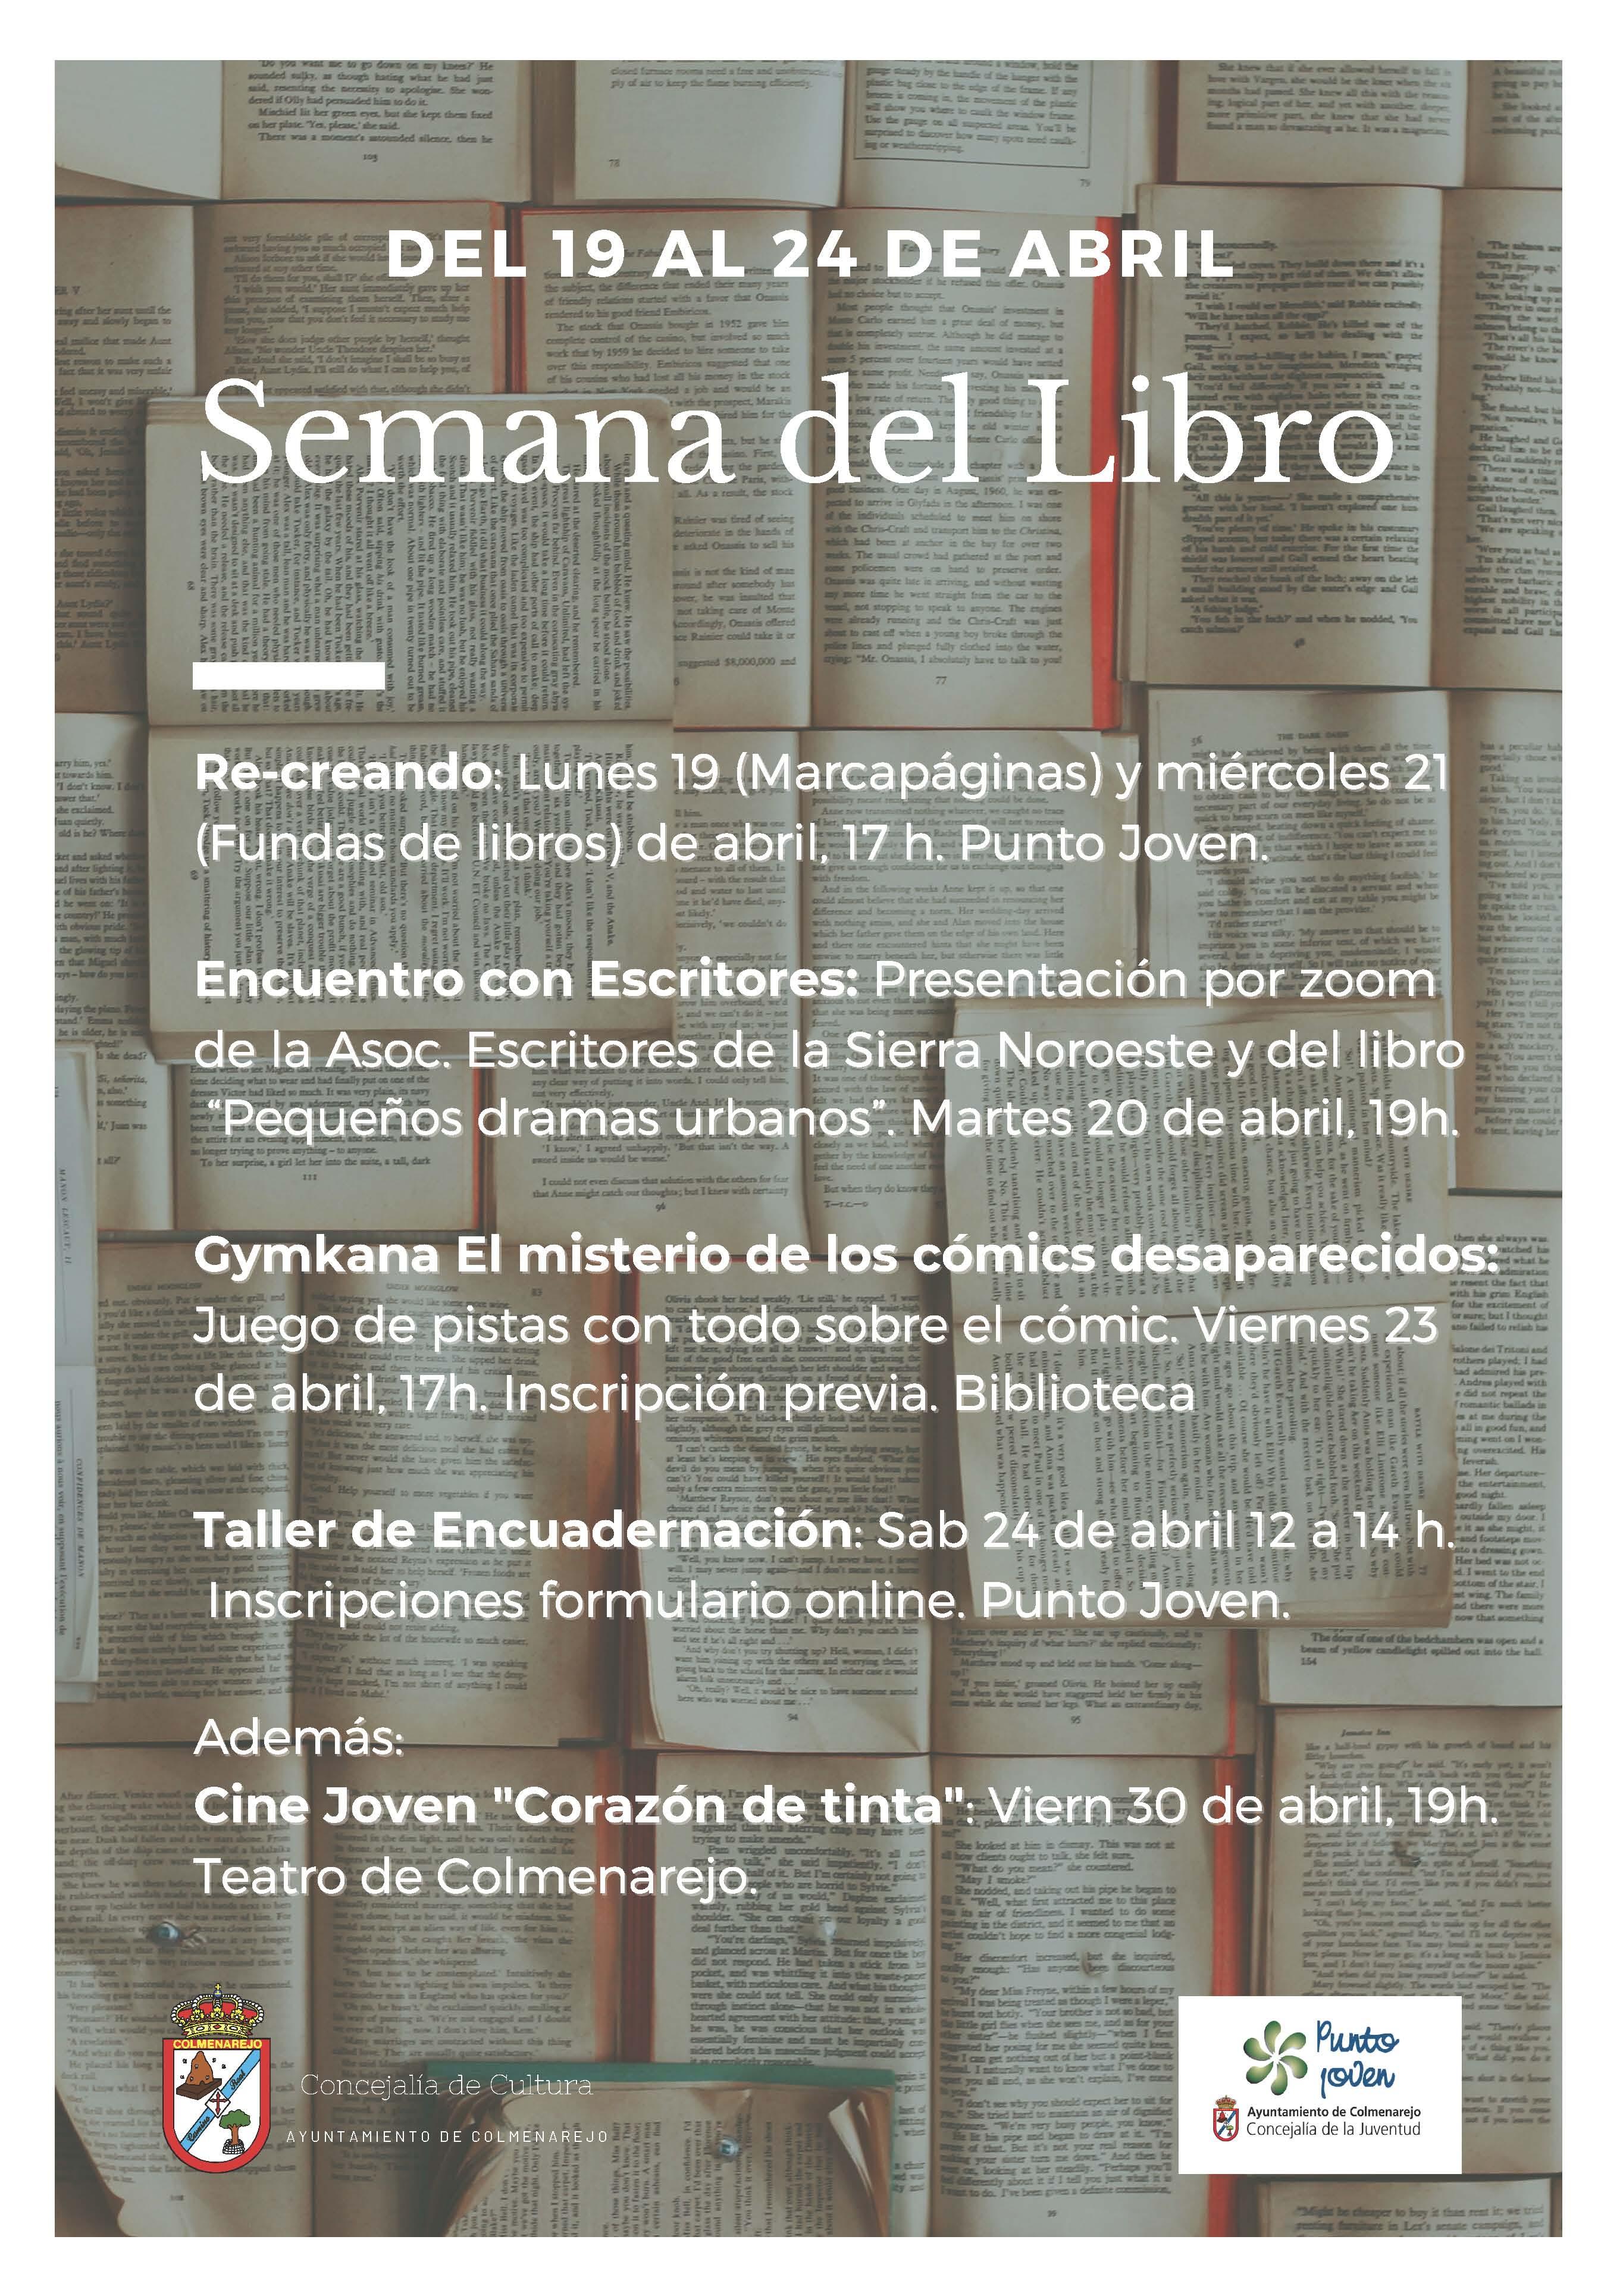 SEMANA DEL LIBRO @ Centro Cultural